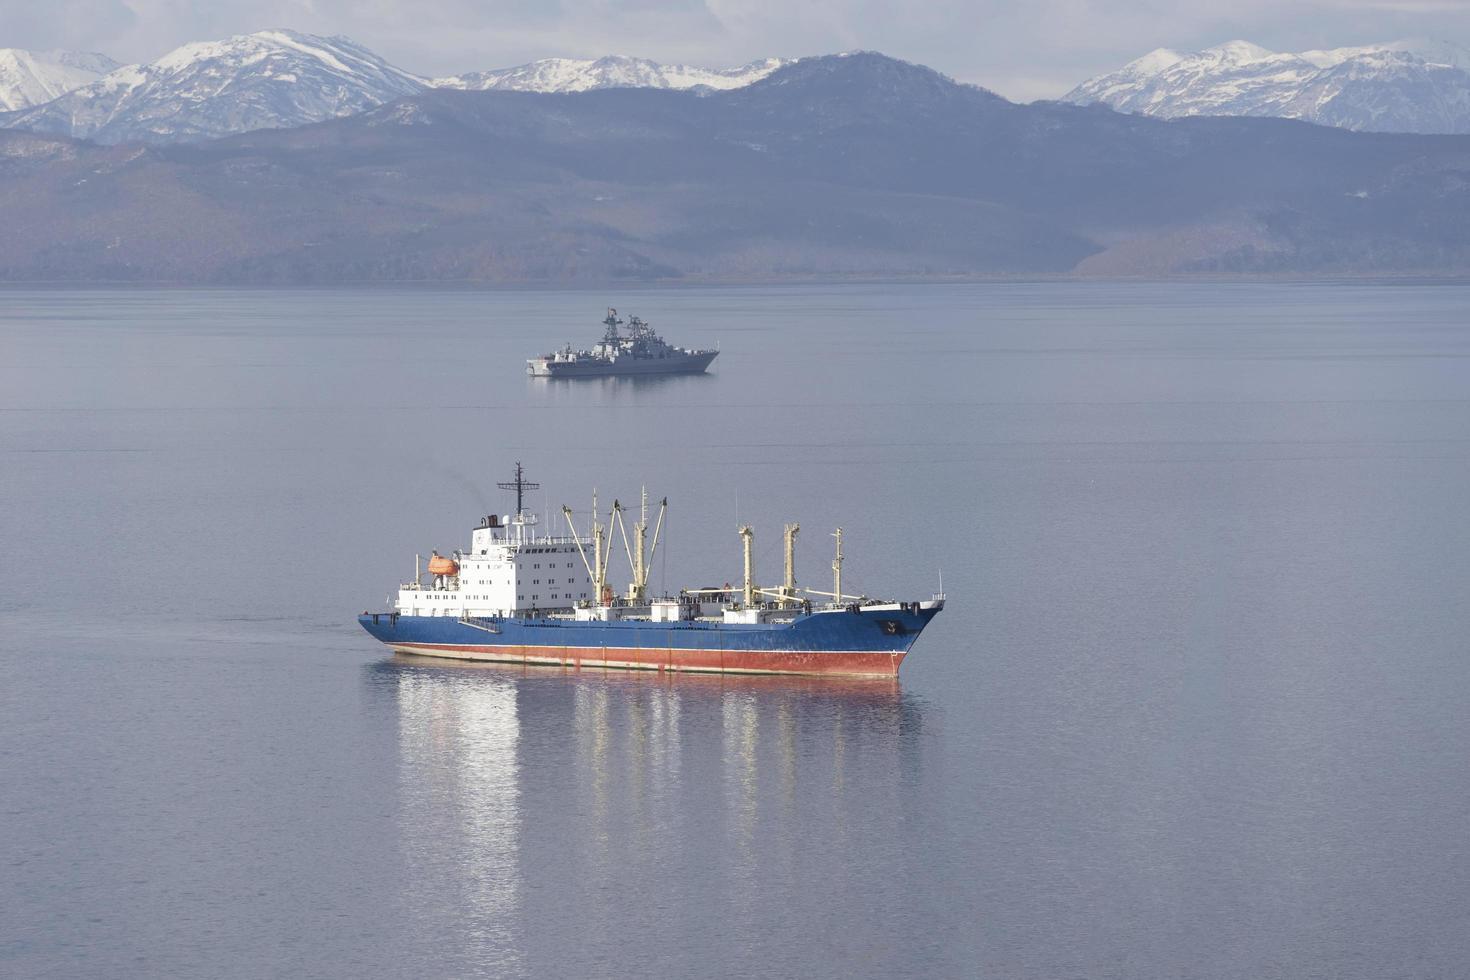 paysage marin avec des navires dans la baie d'avacha. Kamchatka, Russie photo